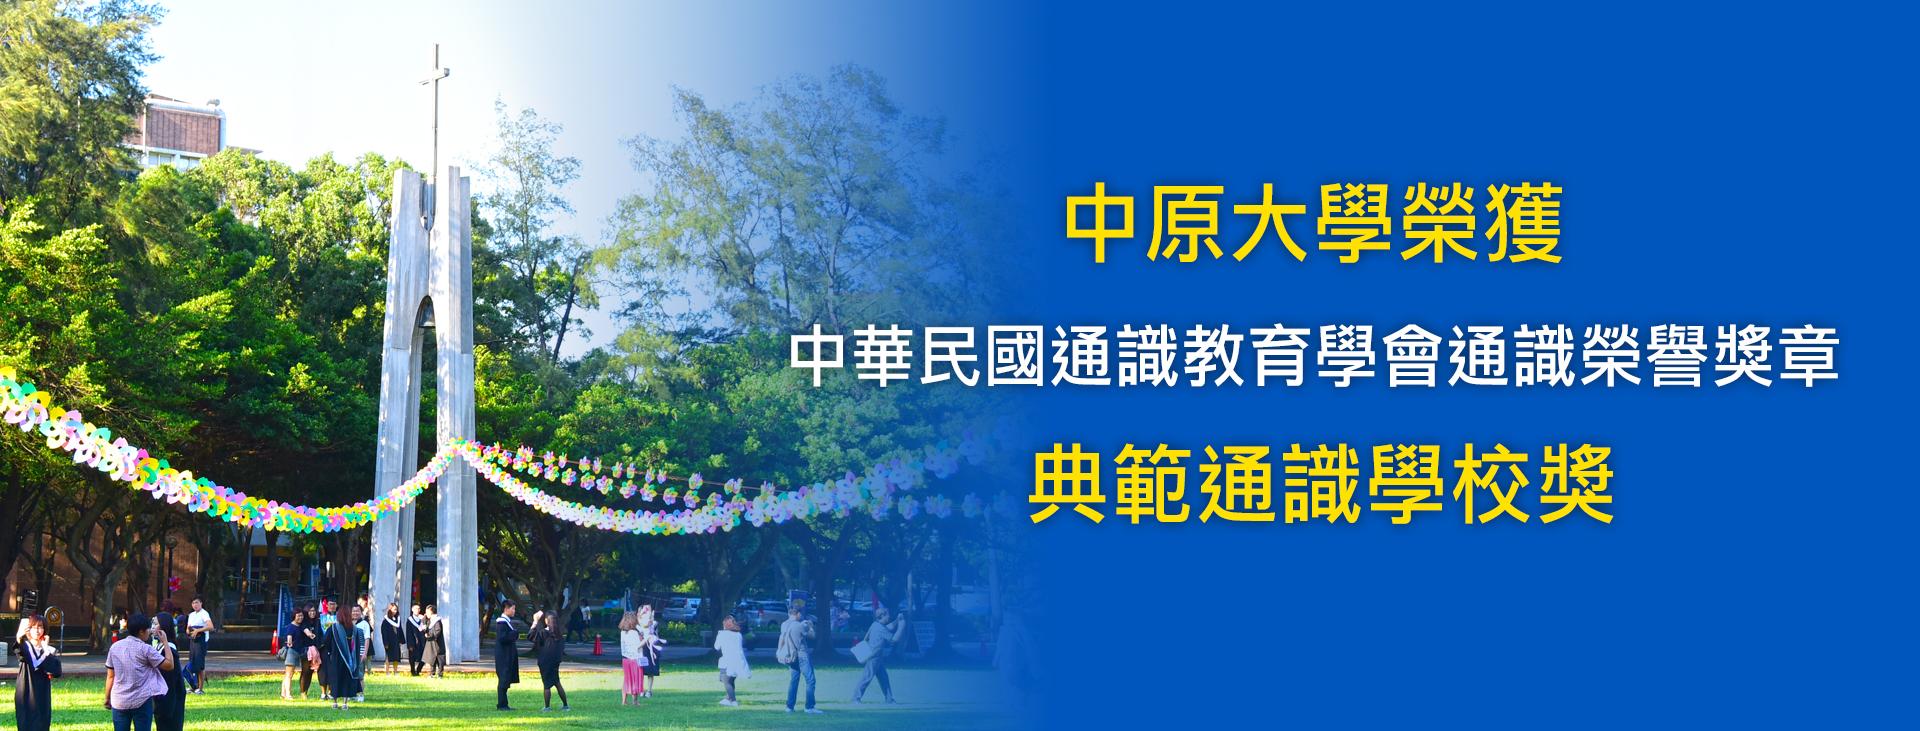 中原大學榮獲 中華民國通識教育學會通識榮譽獎章-典範通識學校獎